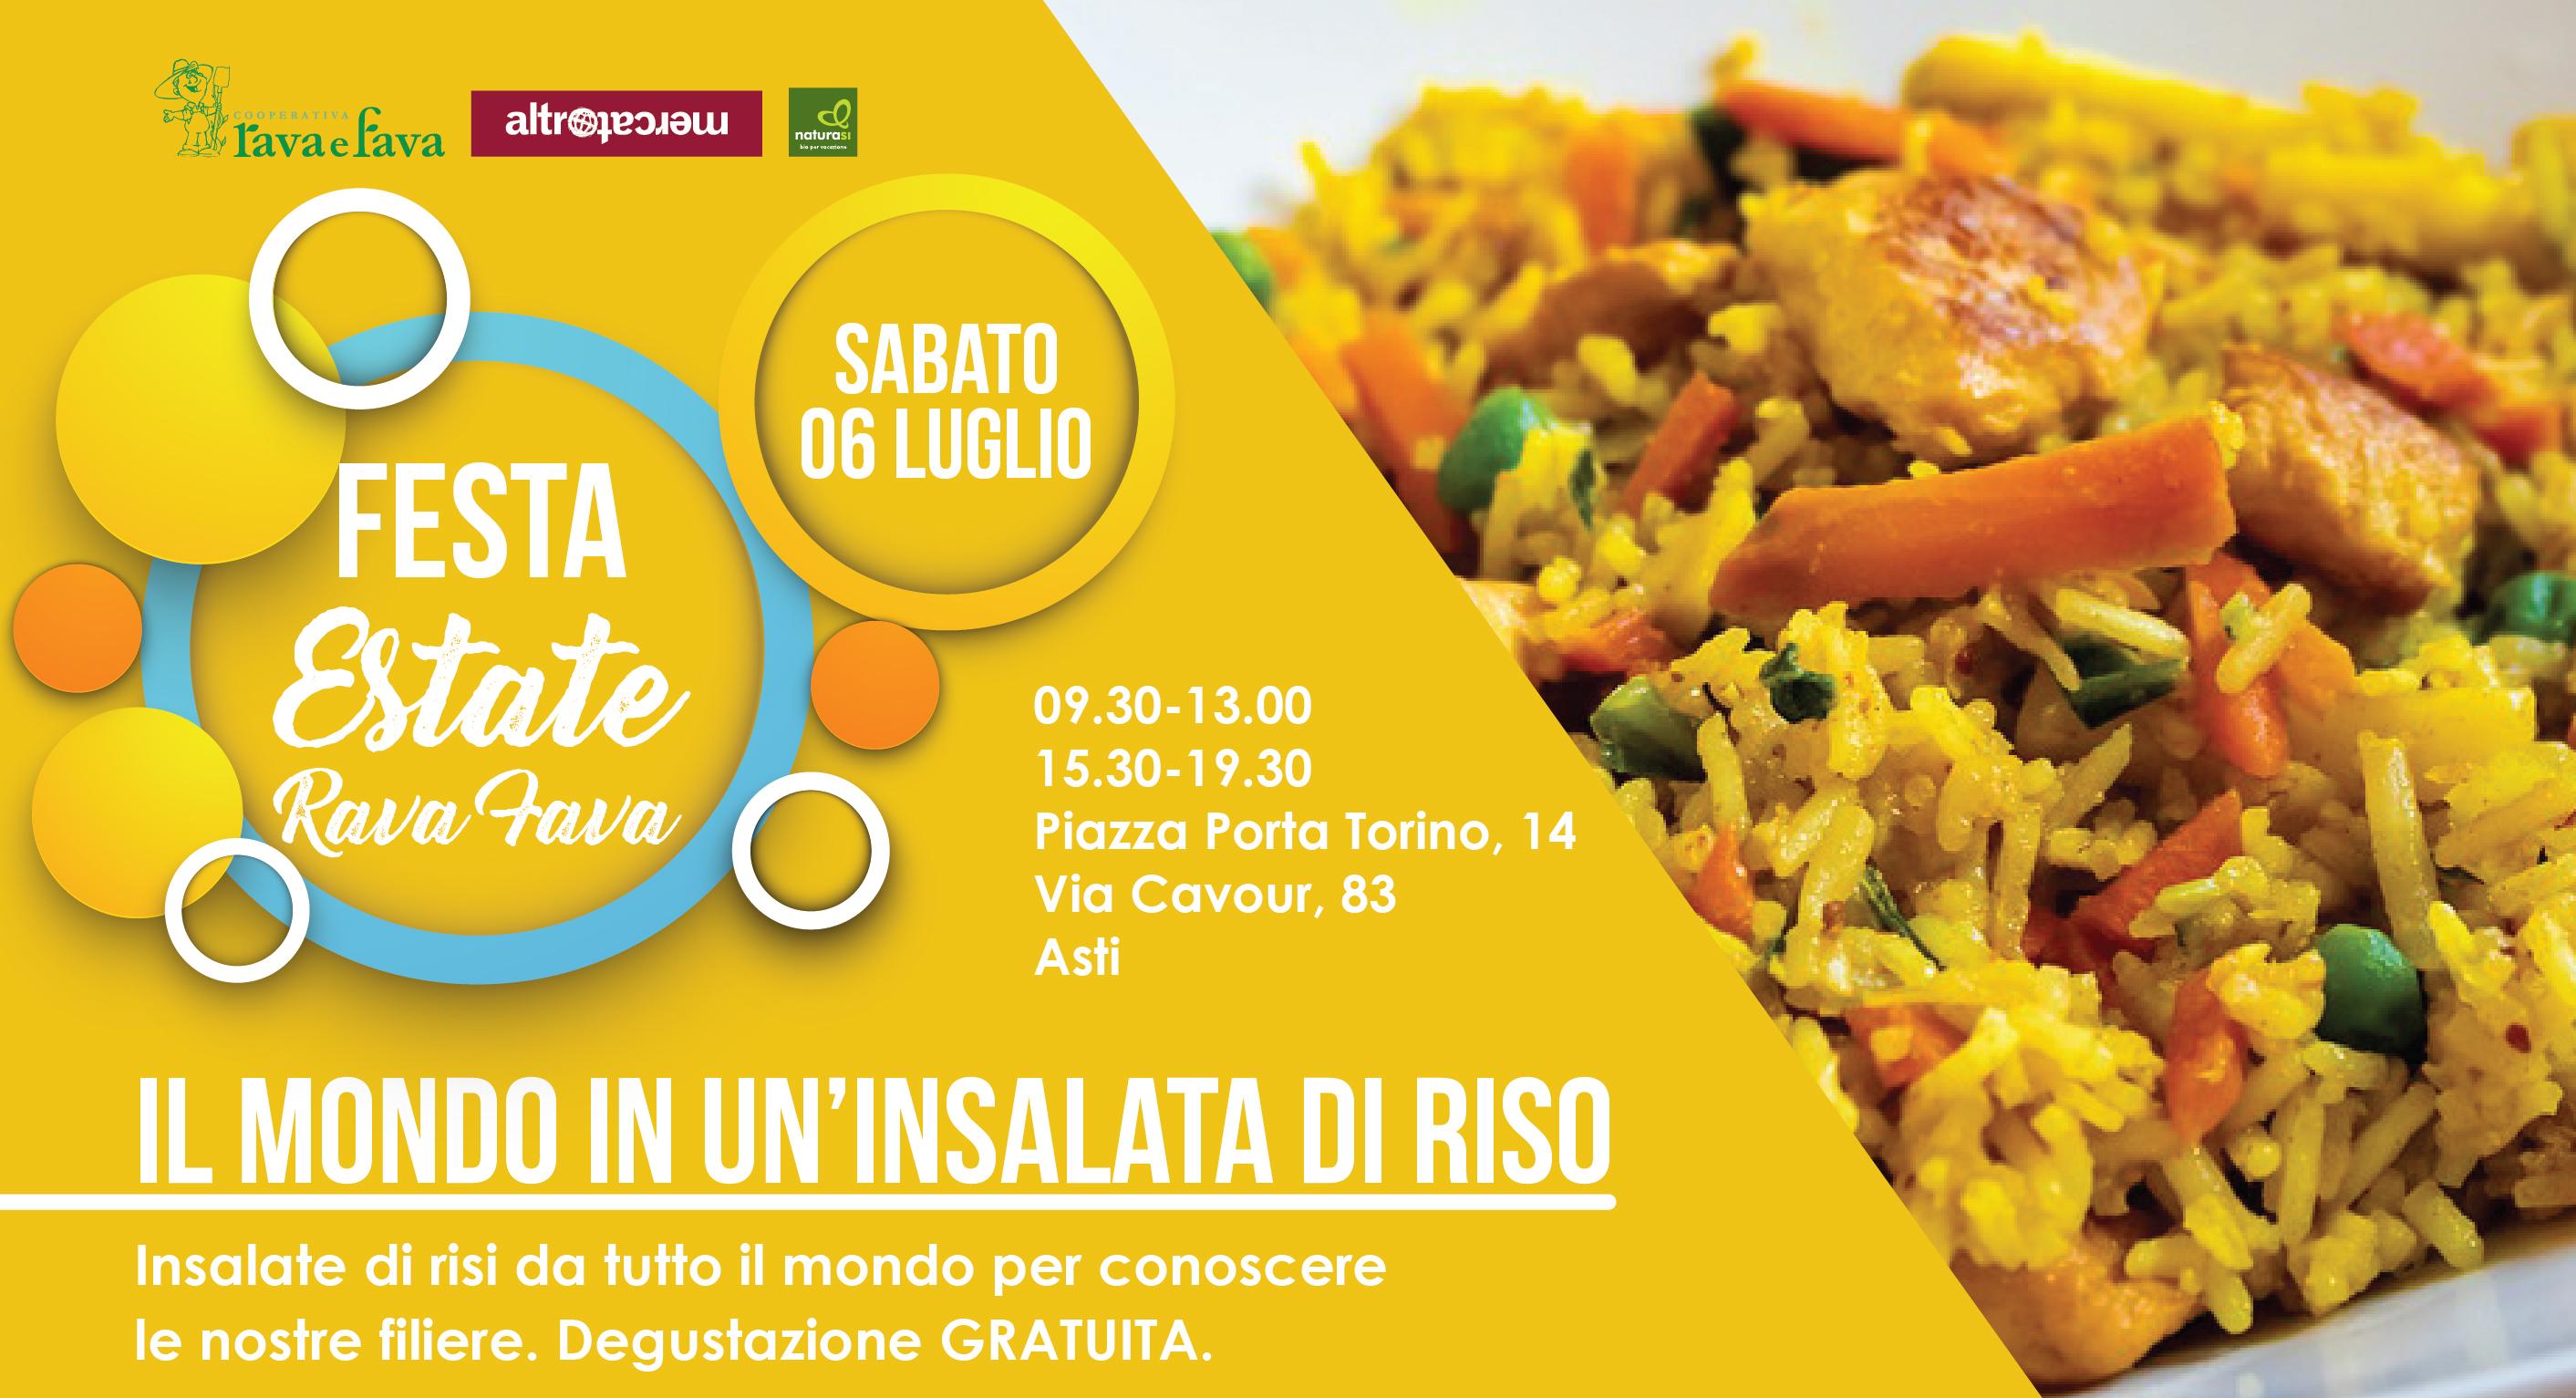 Festa Estate Rava Fava: Il Mondo In Un'insalata Di Riso